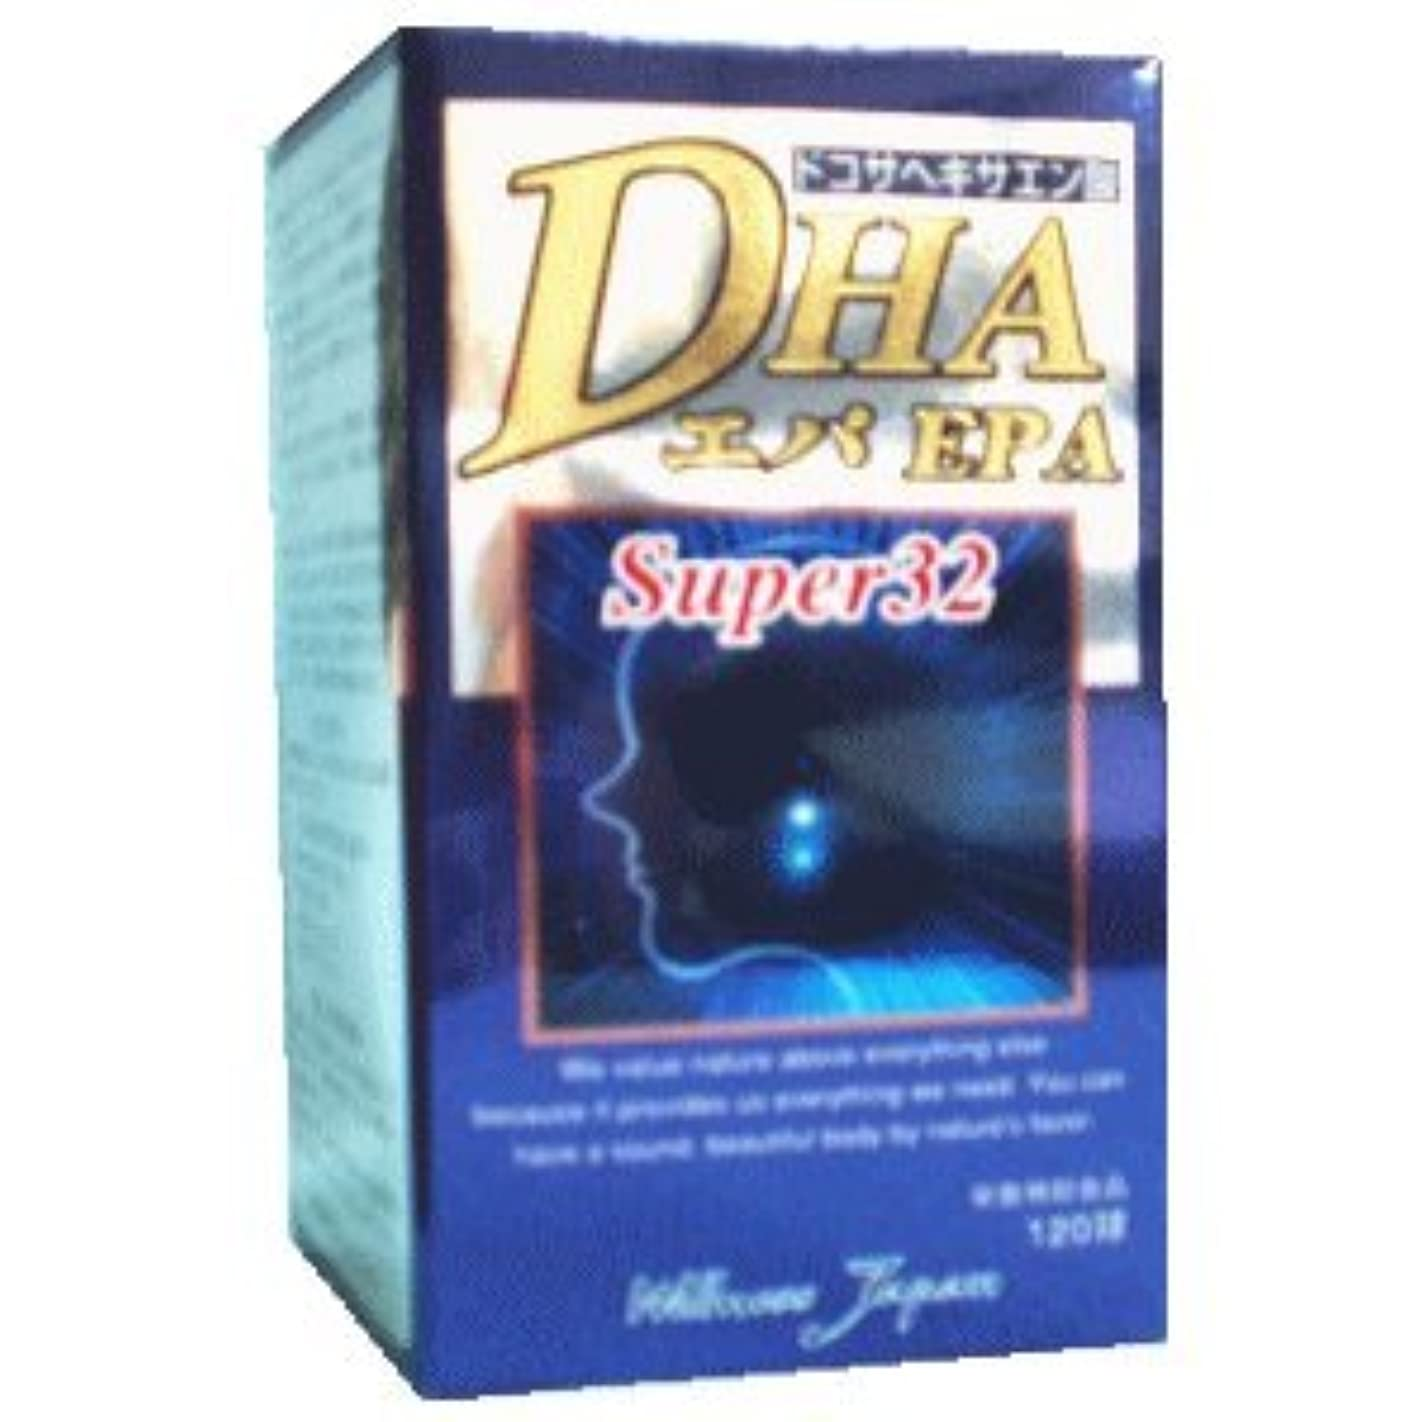 パイプライン前提条件はっきりとDHAエパスーパー32 120球×(3セット)